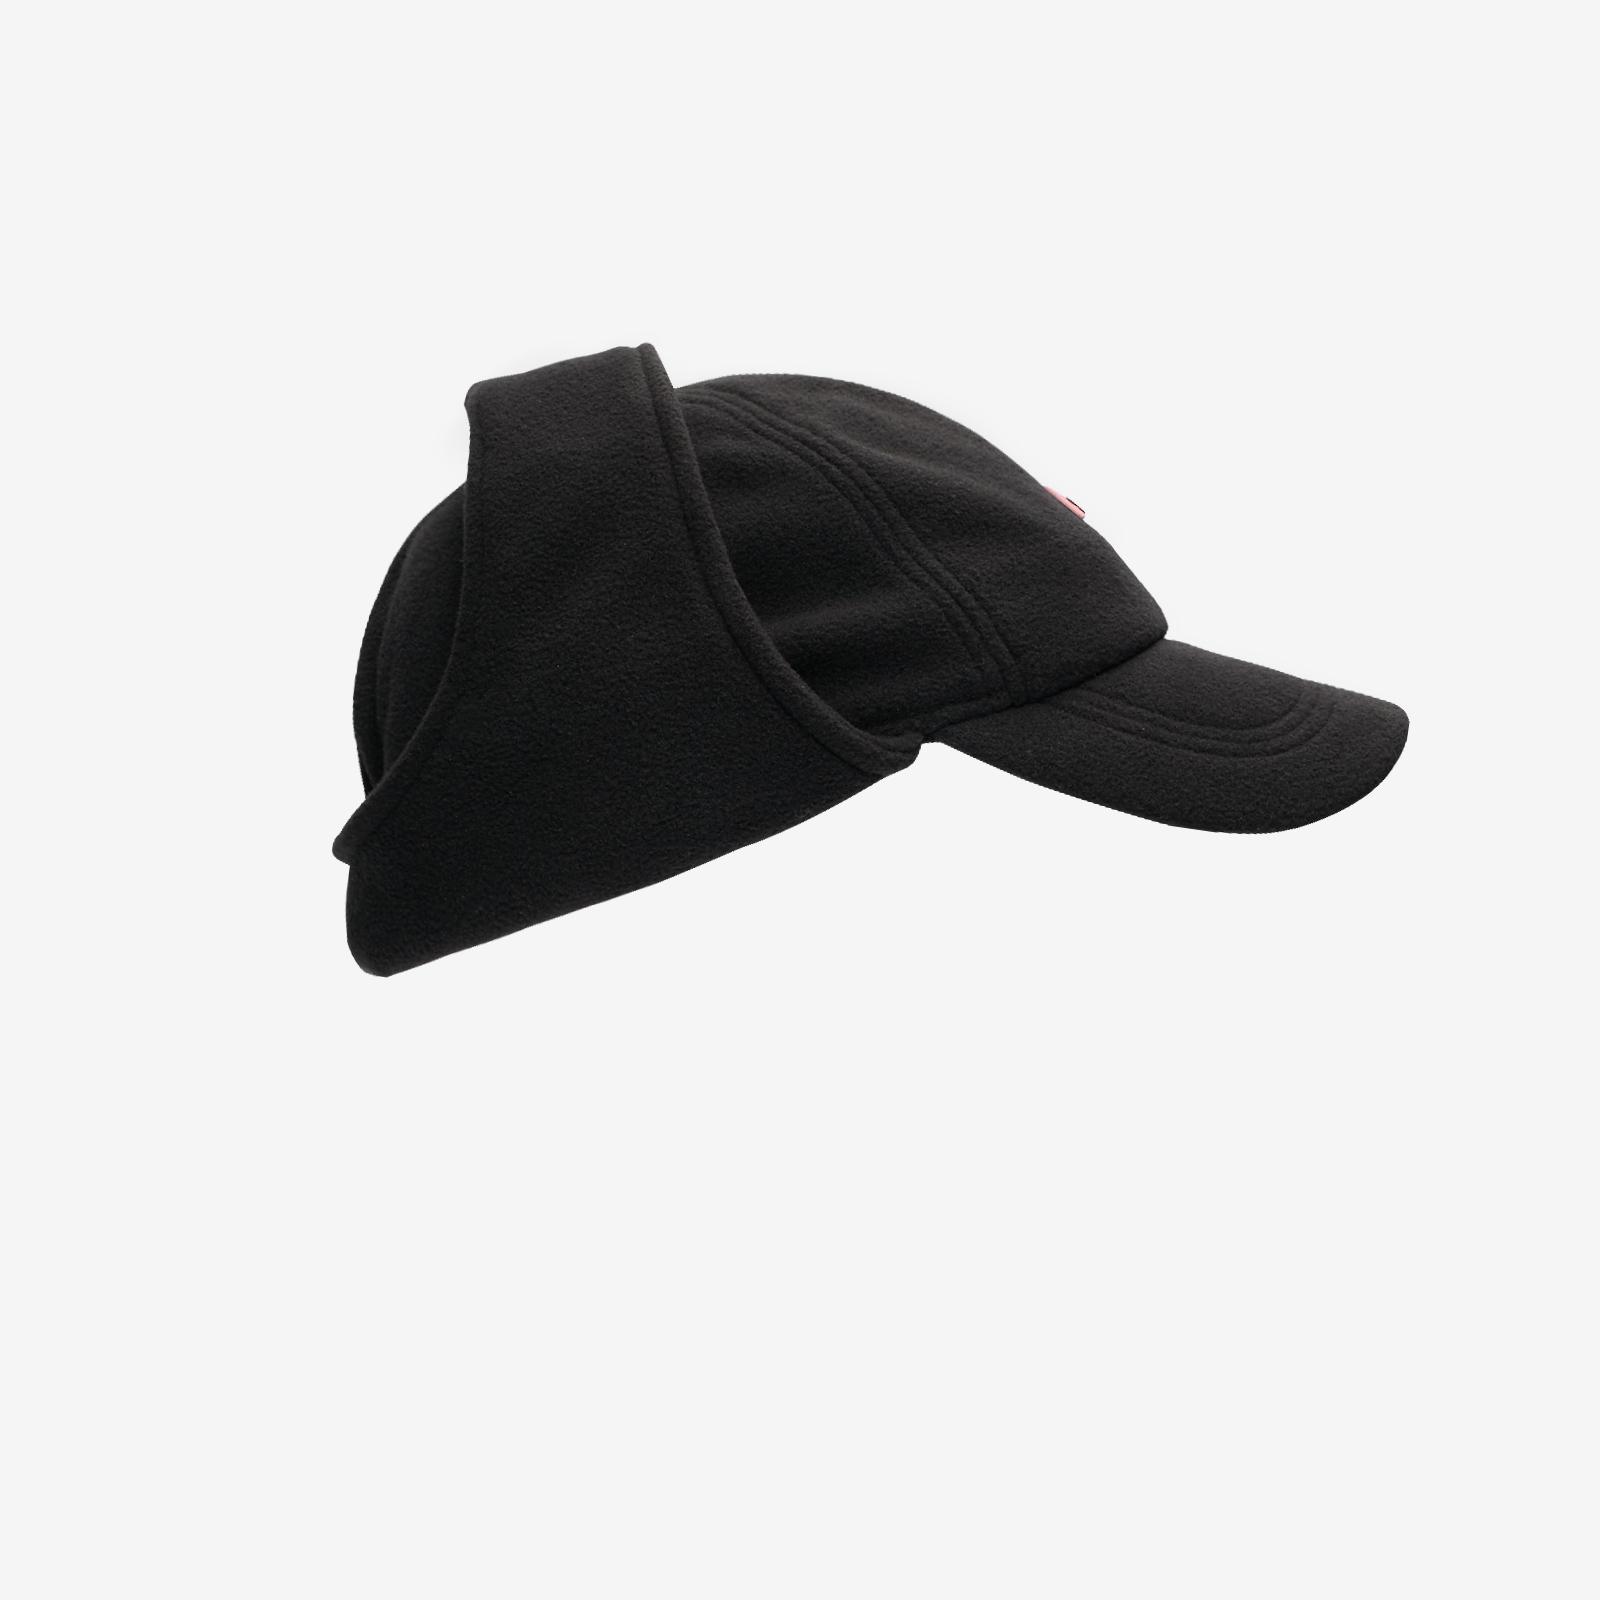 83c61eb9 Nike SK H86 Cap Earflap QS - Ao8234-010 - Sneakersnstuff | sneakers &  streetwear online since 1999